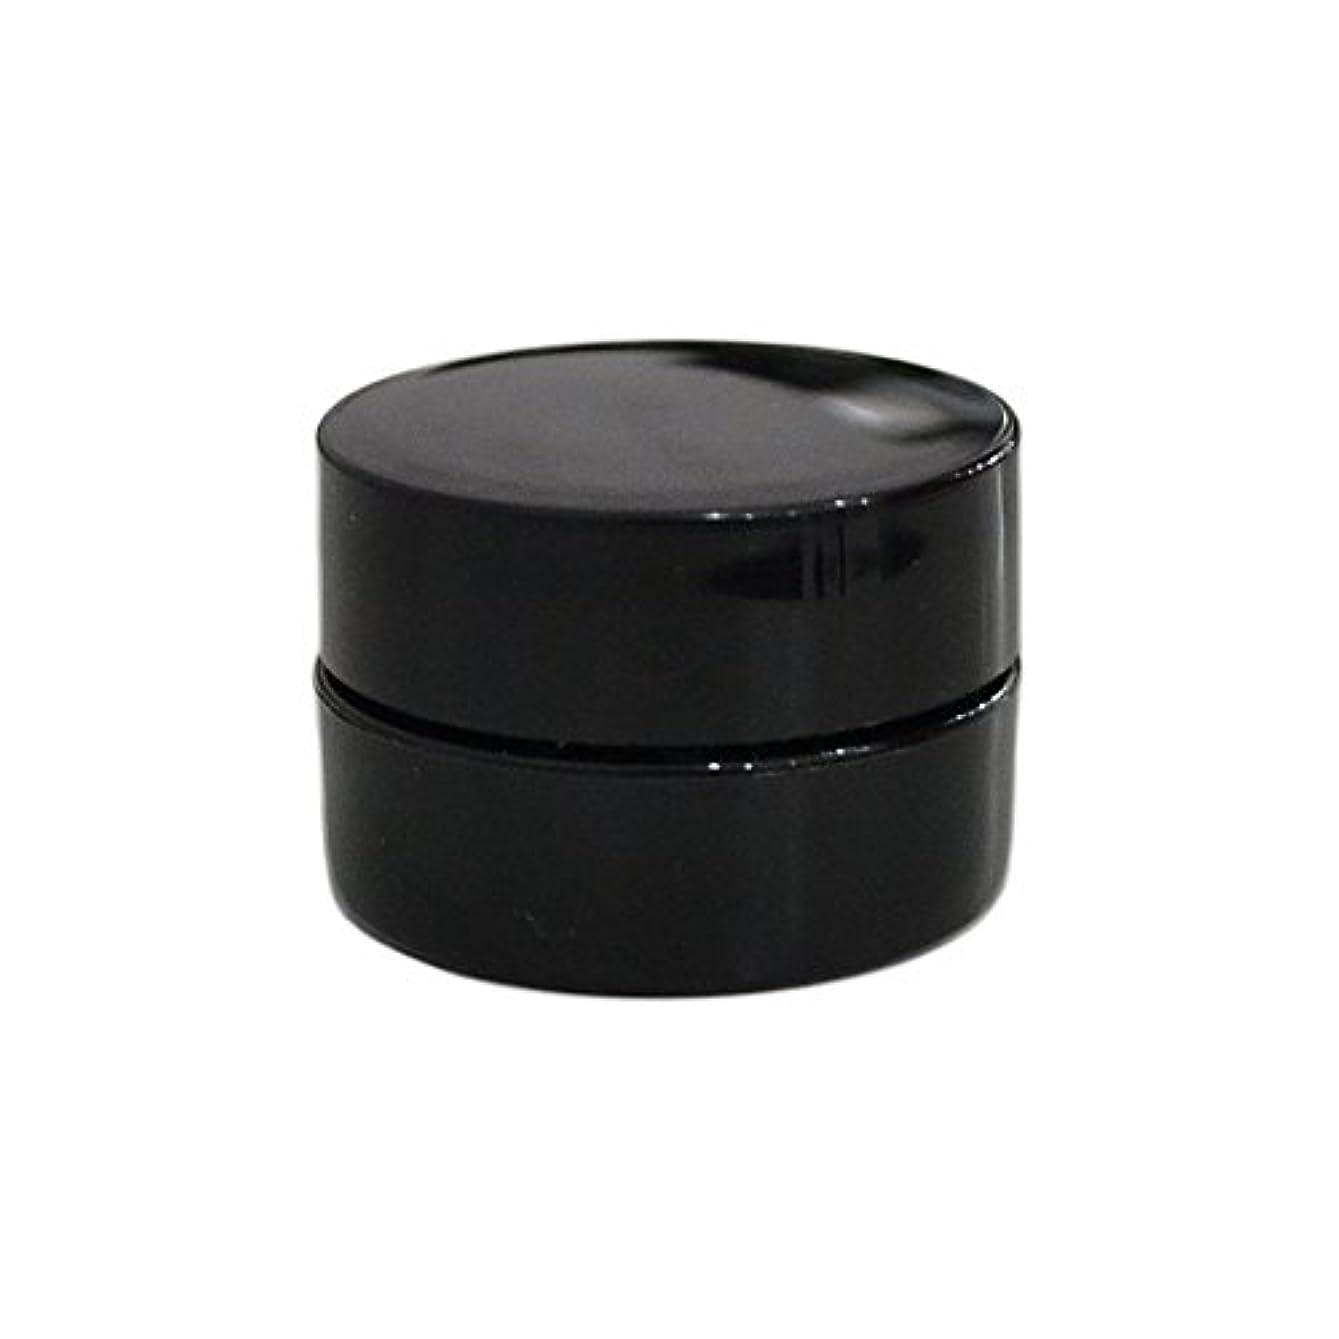 納得させるアルバム前方へ10個セット/純国産ネイルジェルコンテナ 3g用 GA3g 漏れ防止パッキン&ブラシプレート付容器 ジェルを無駄なく使える底面傾斜あり 遮光 黒 ブラック